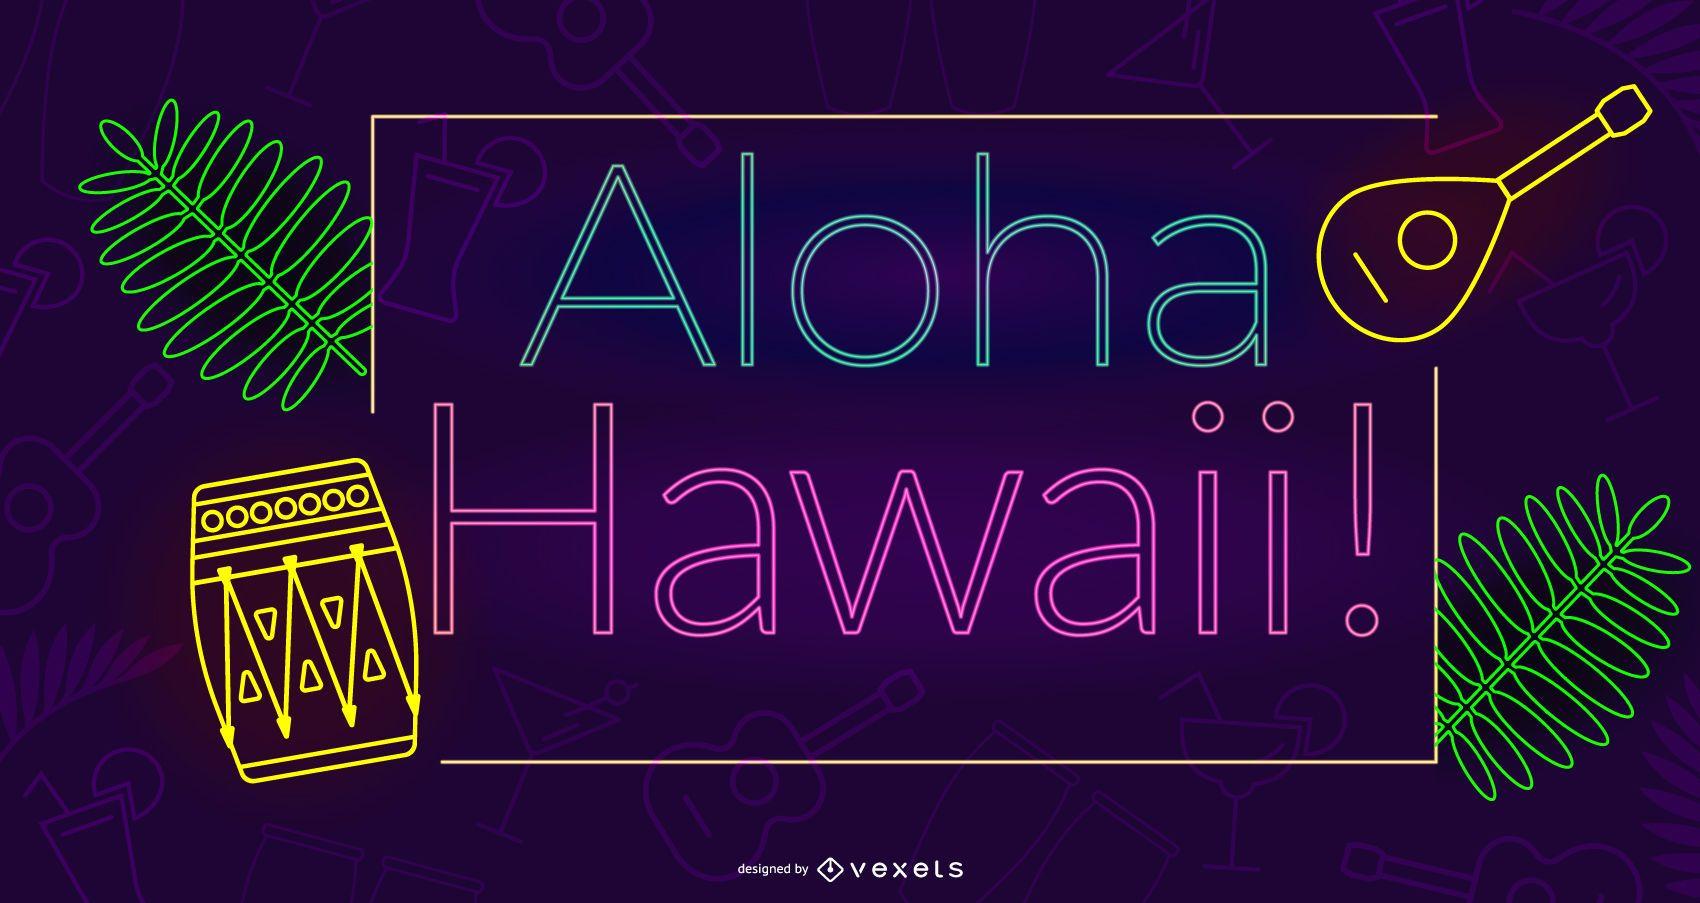 Dise?o de ne?n aloha hawaii